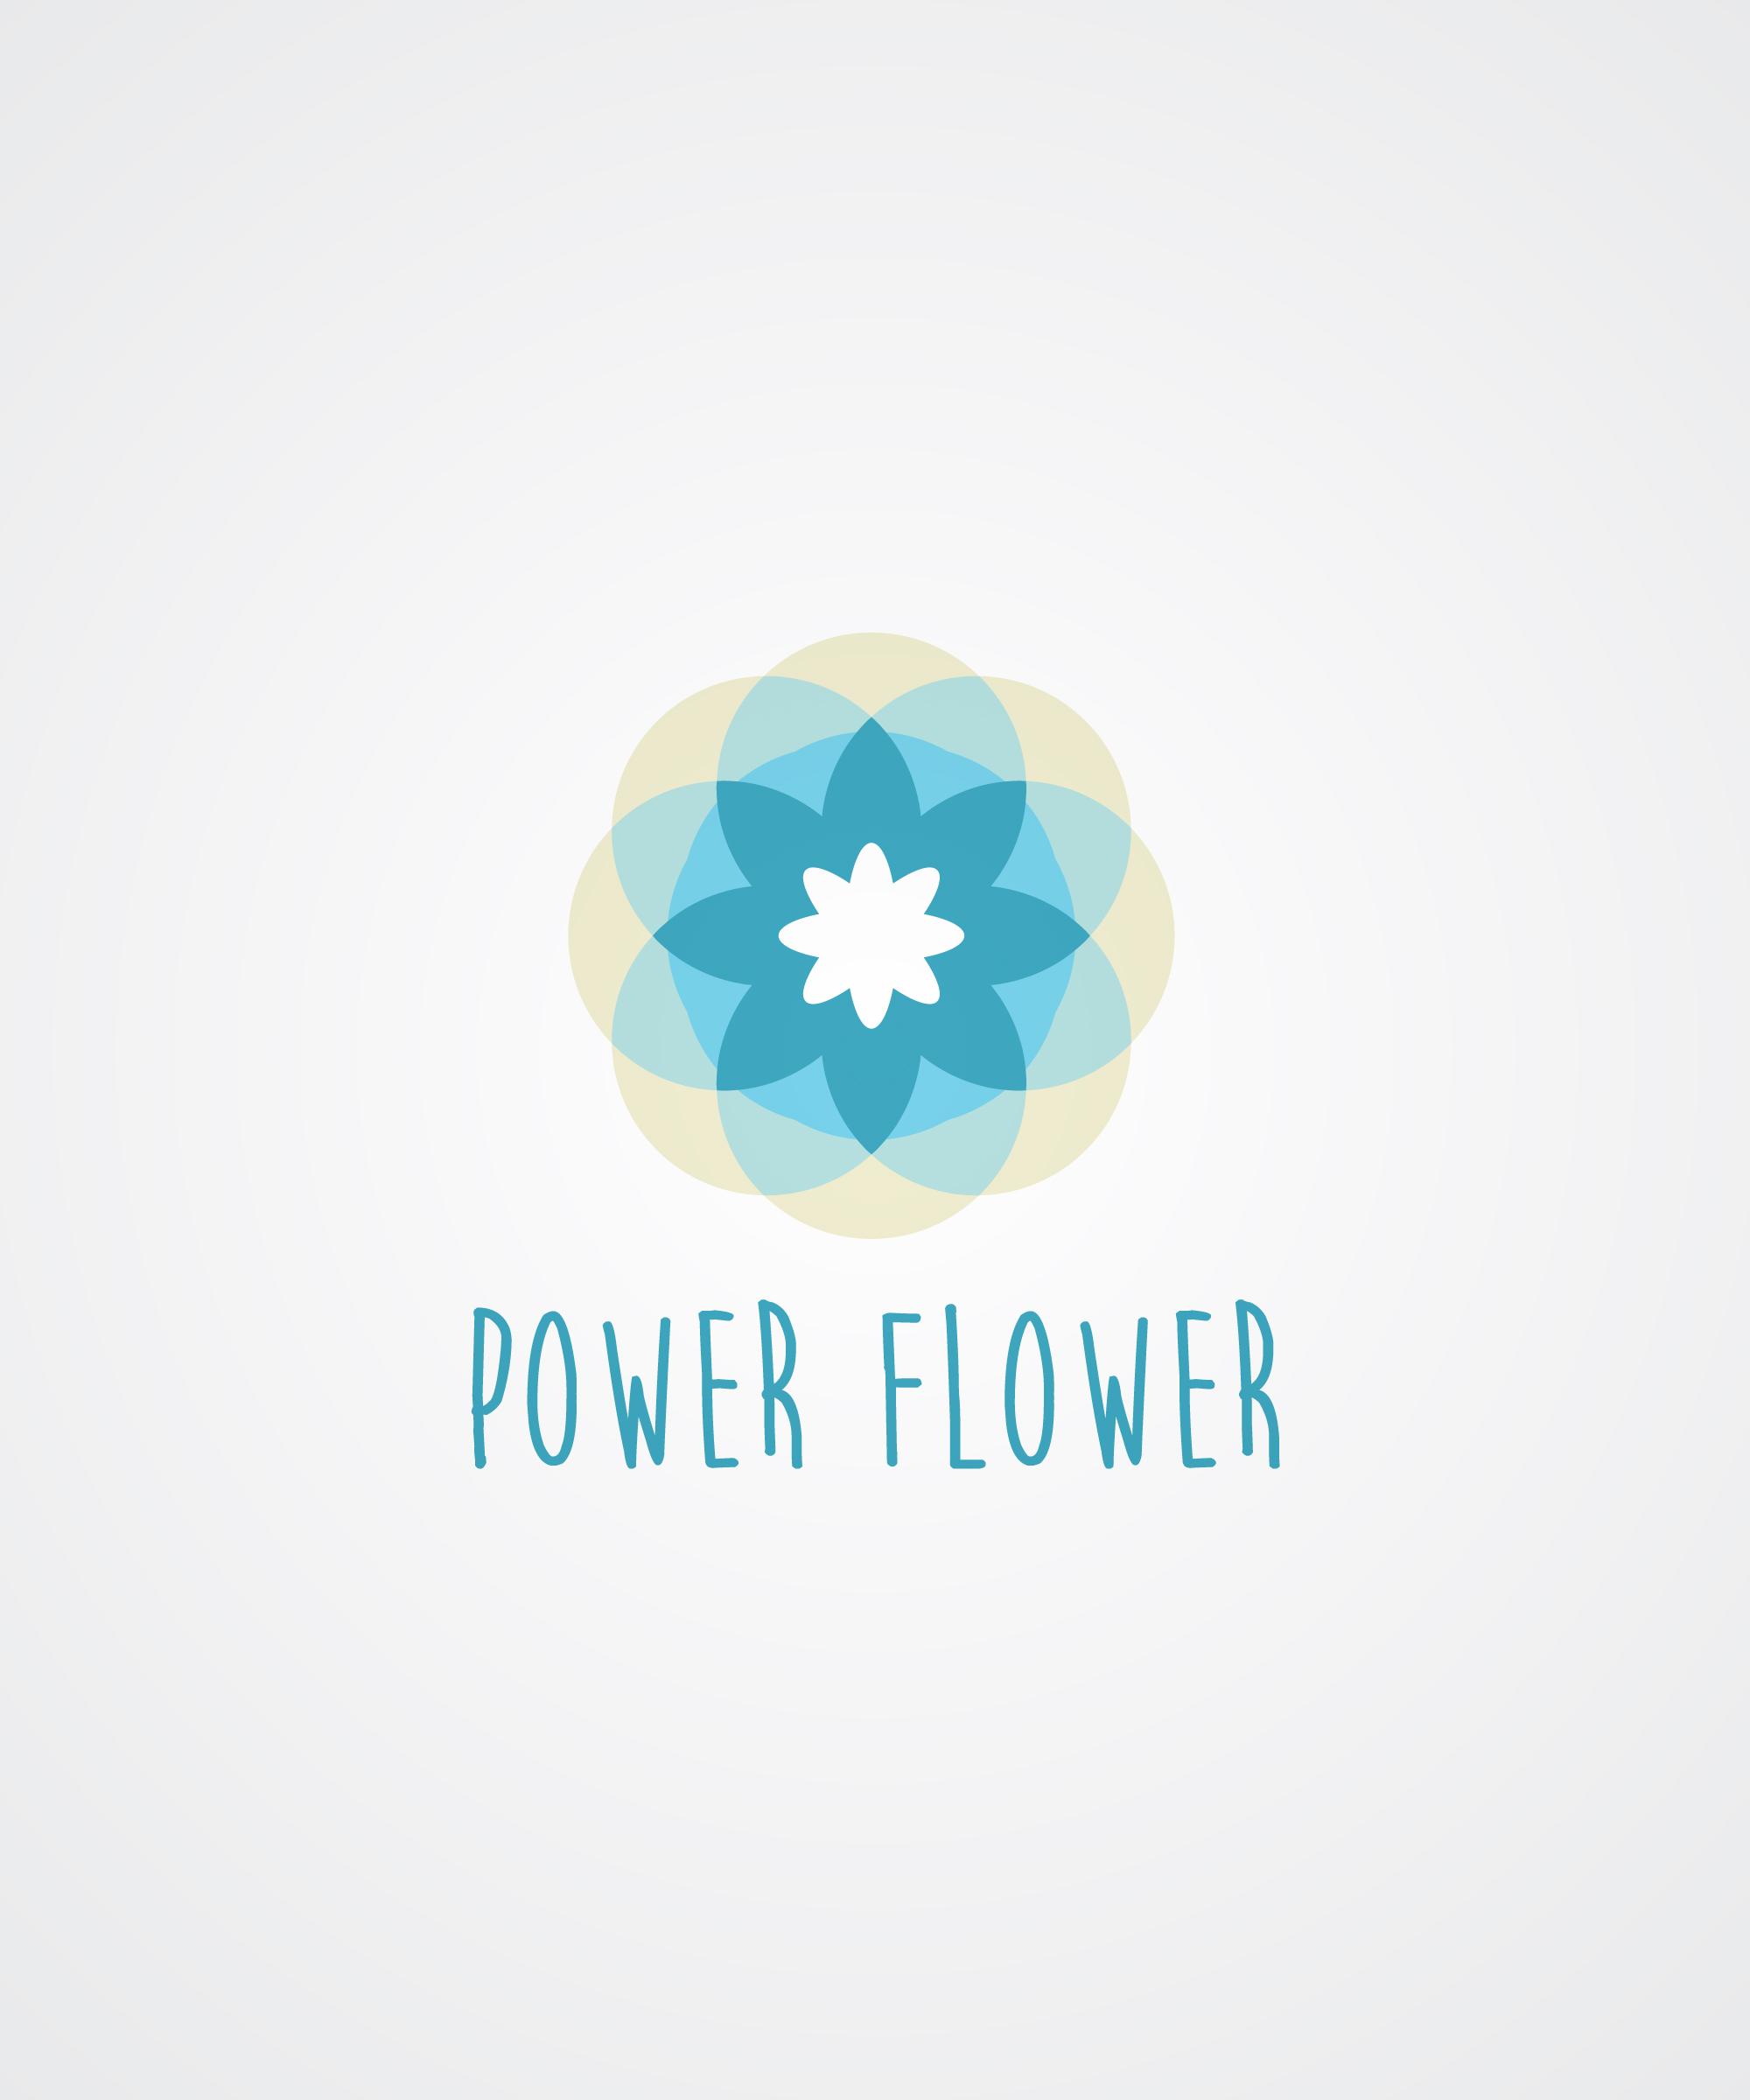 01 Powerflower